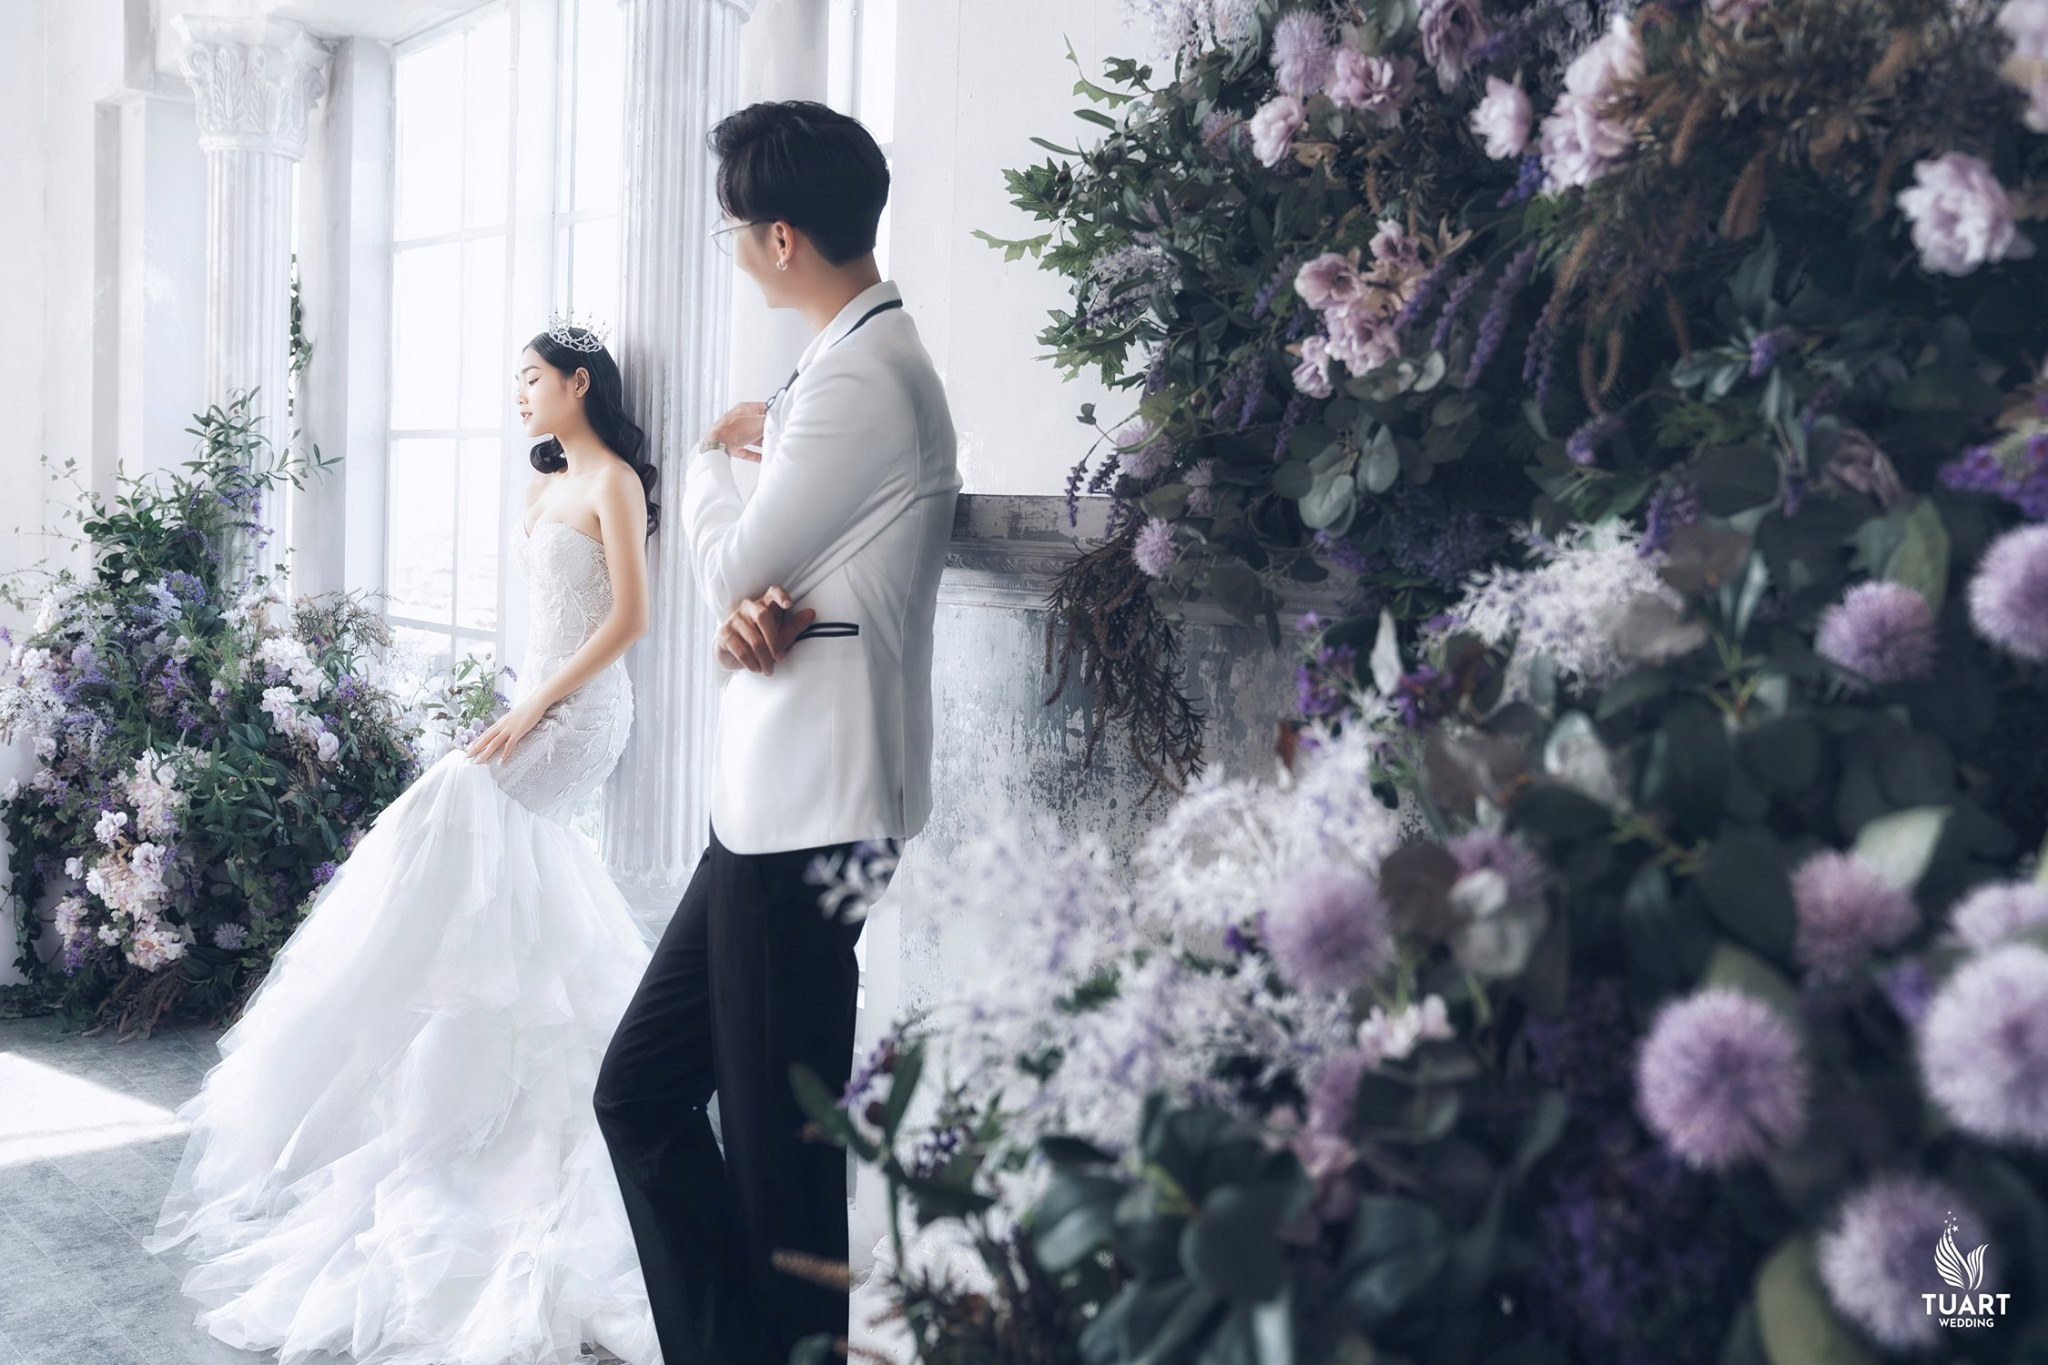 Album chụp ảnh cưới đẹp tại Hà Nội: 5 Graden Studio 14